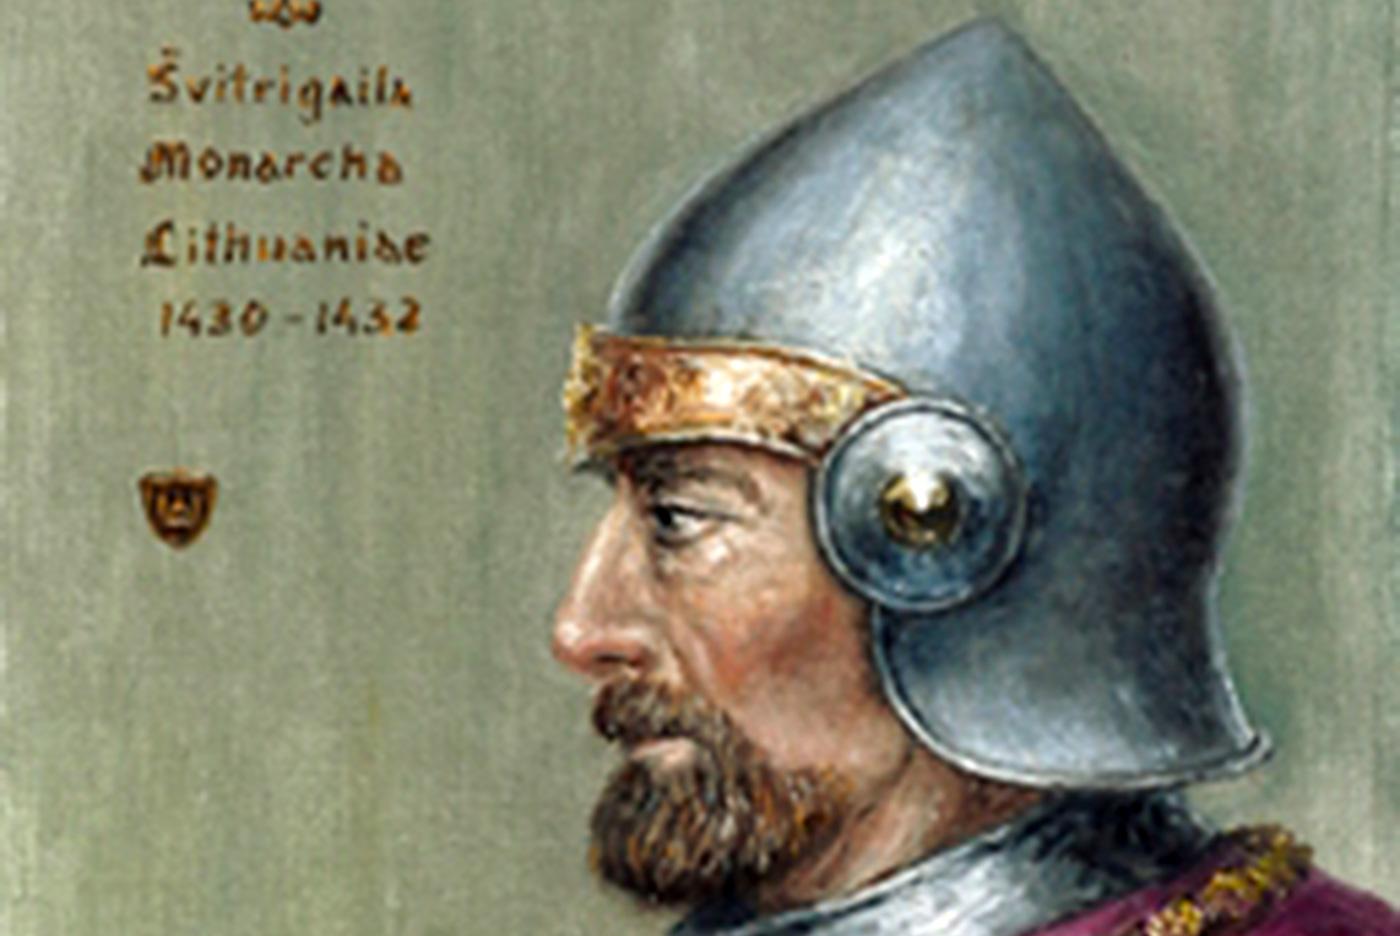 Książe Świdrygiełło